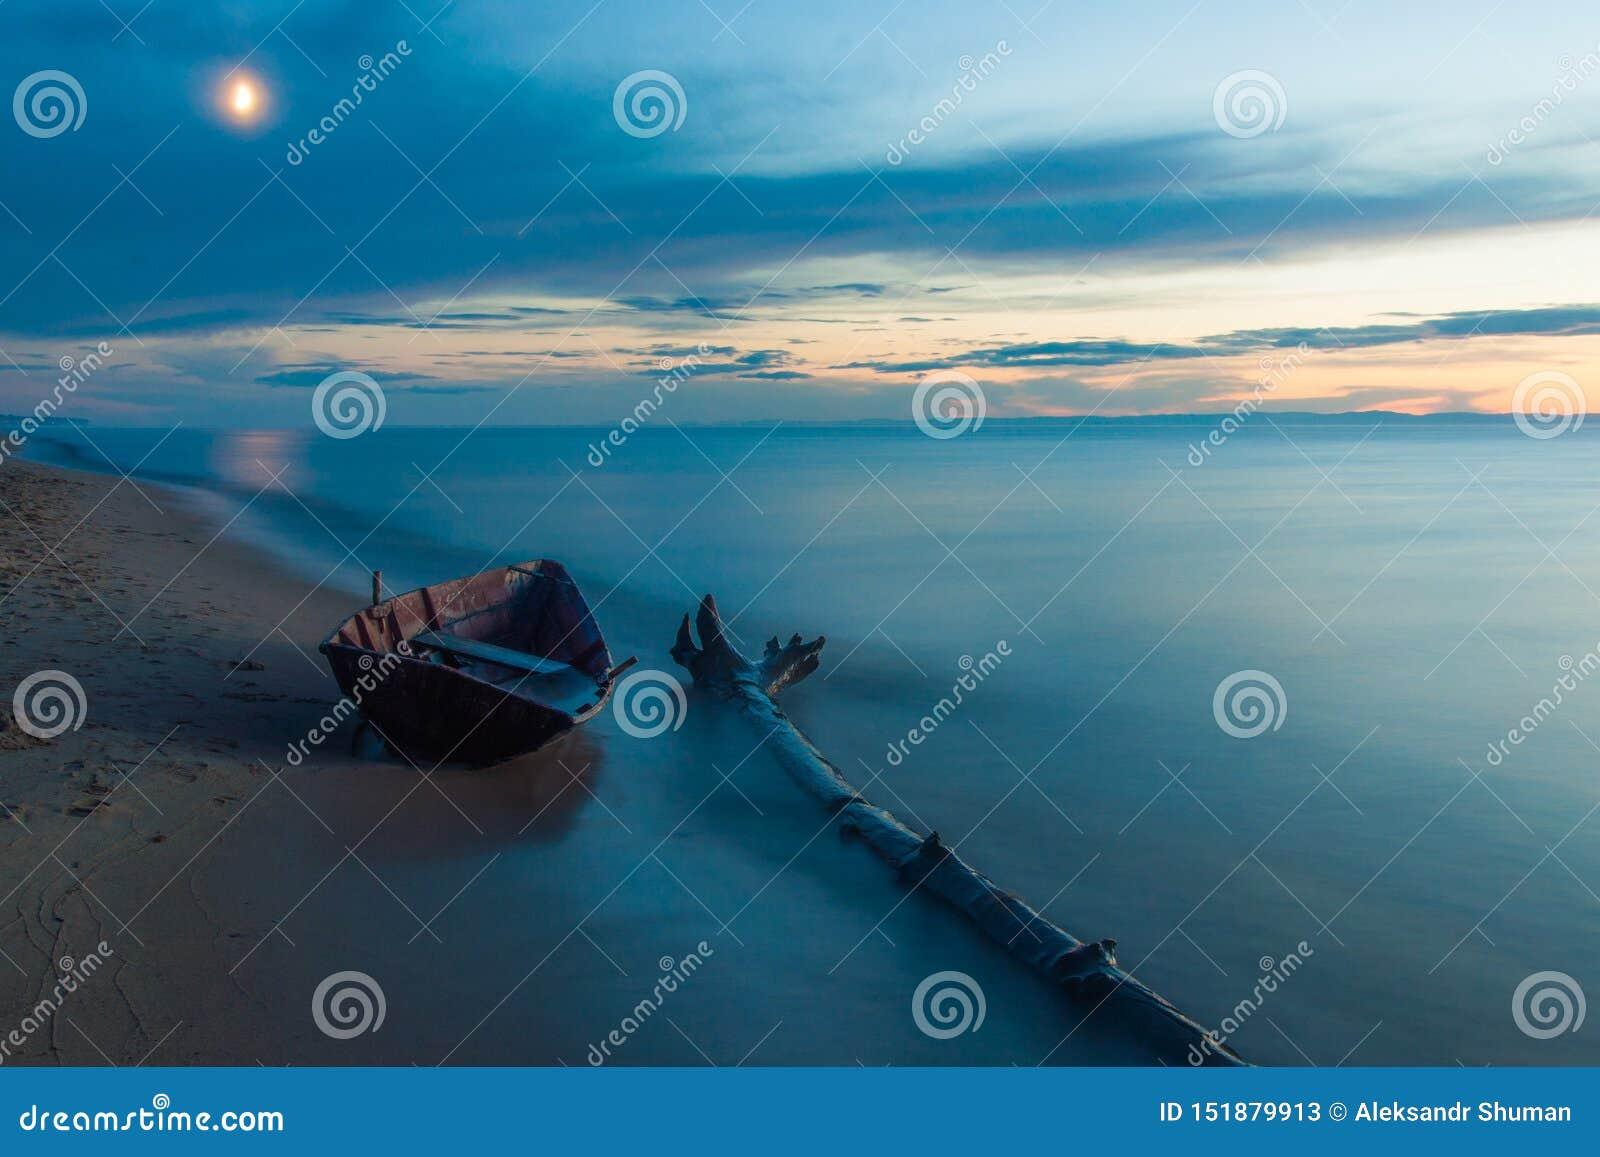 Bateau en bois sur le rivage du lac Baïkal dans le clair de lune le soir